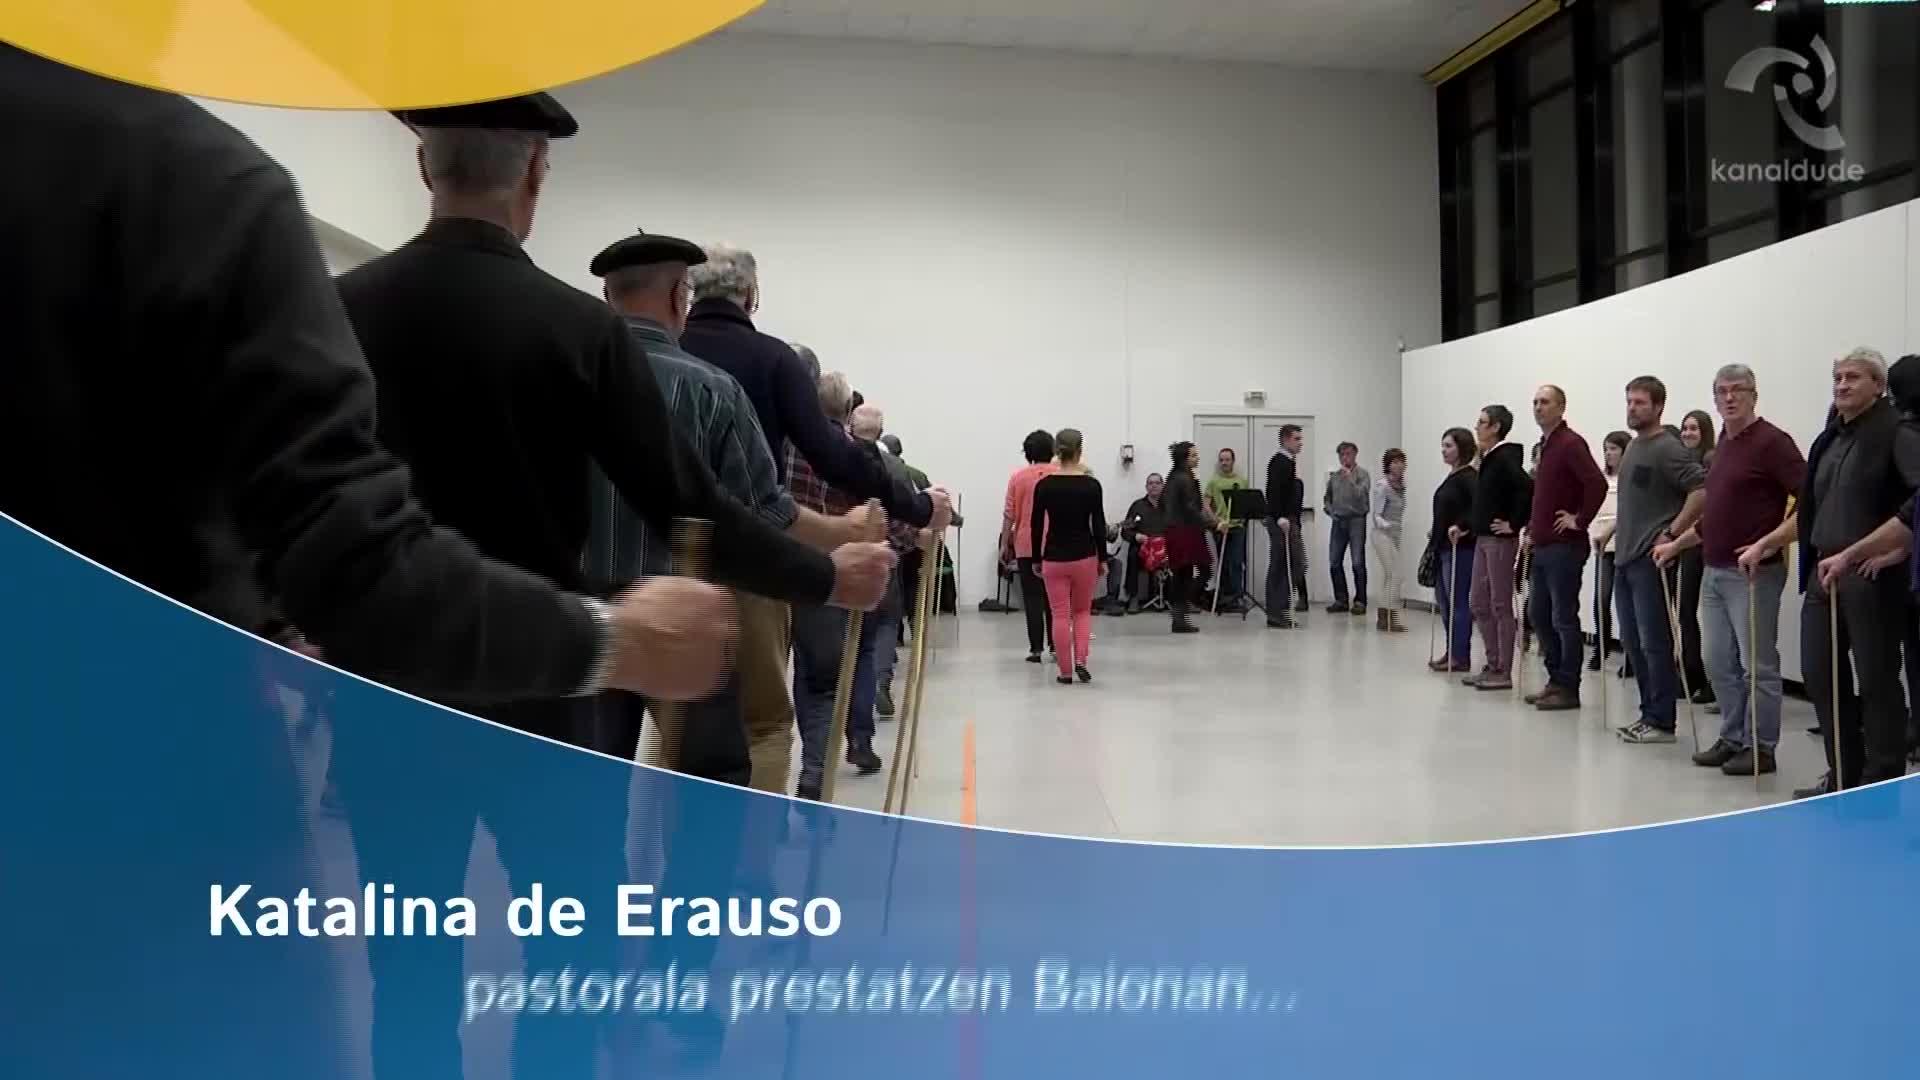 Katalina de Erauso pastorala prestatzen Baionan...